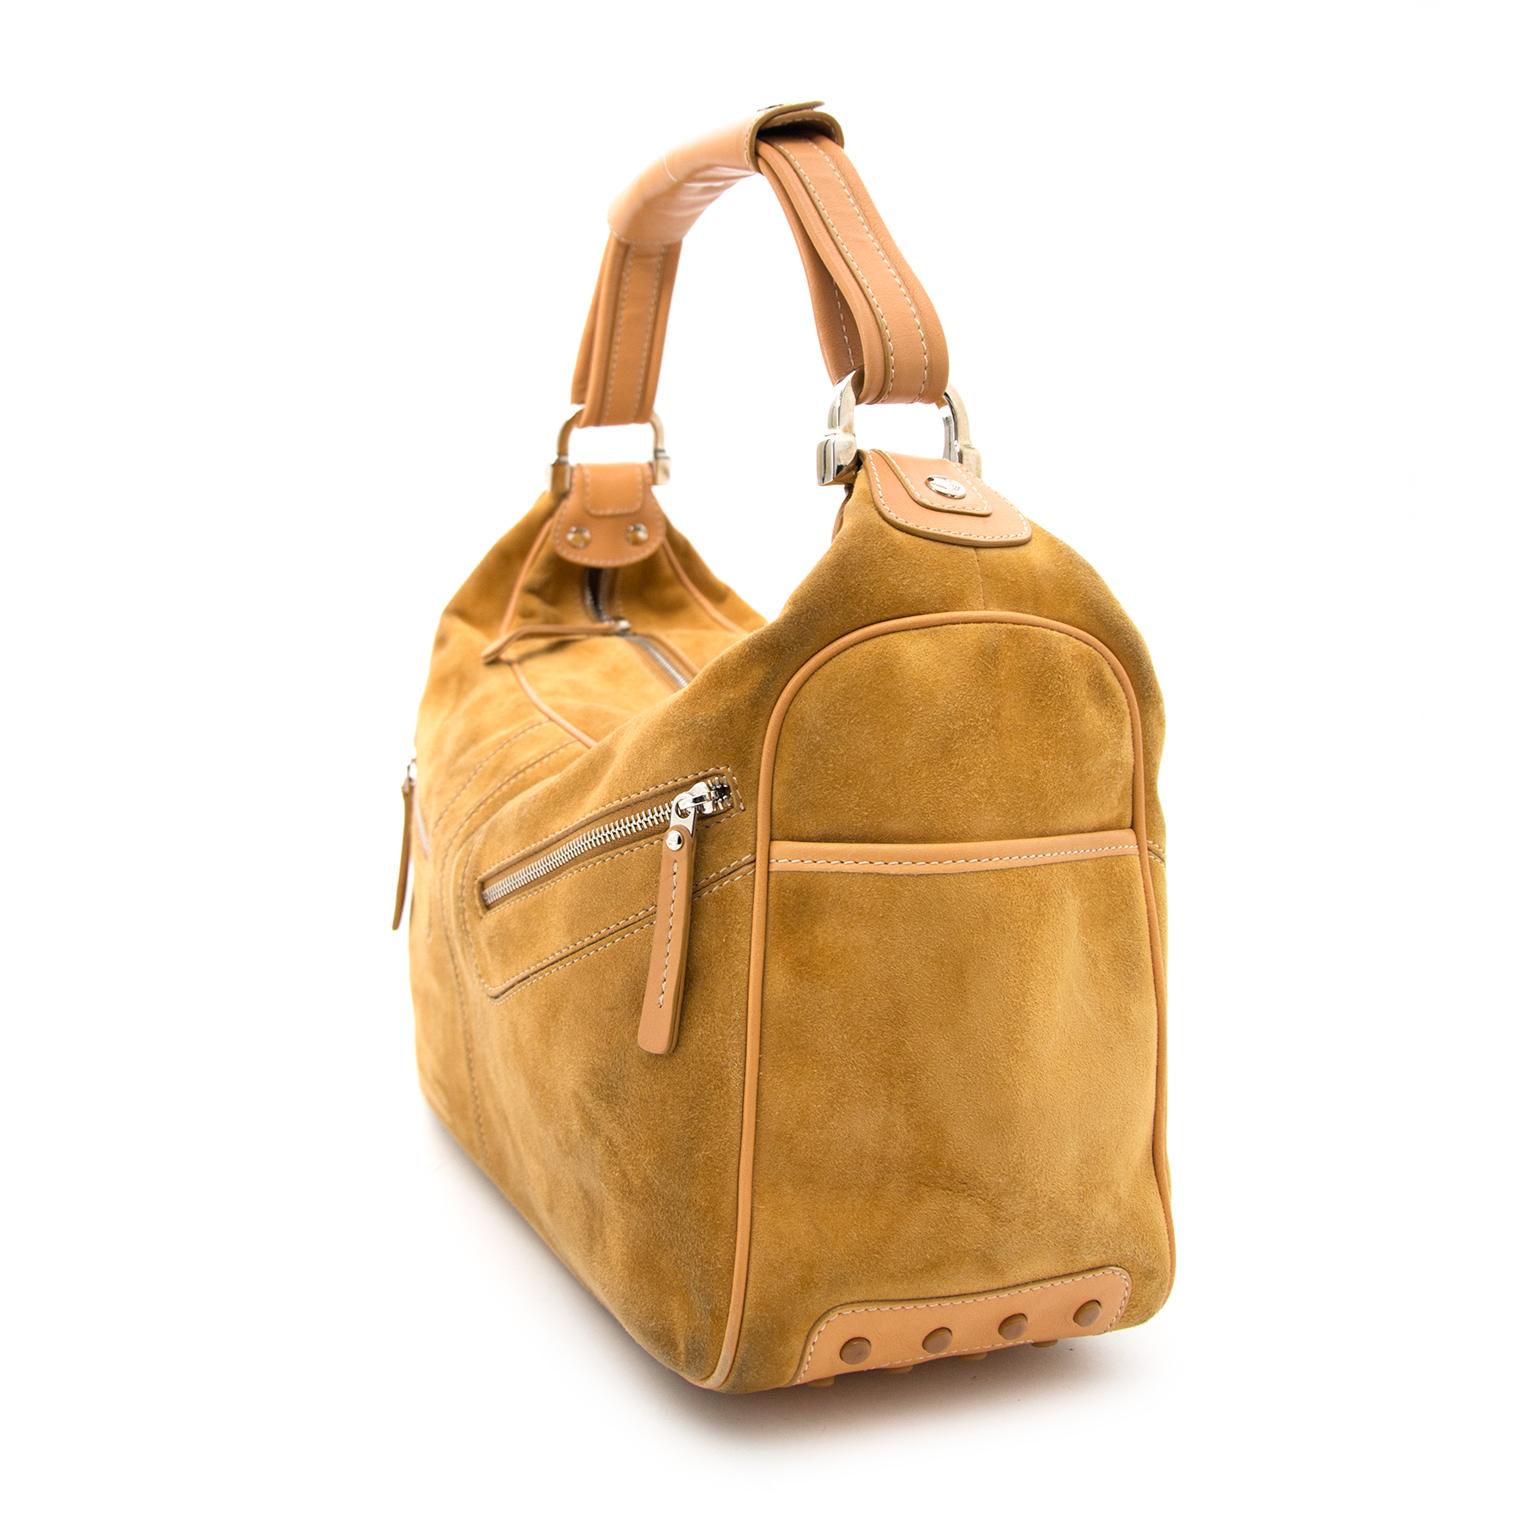 acheter en ligne pour le meilleur prix Tod's Suede Camel Handbag